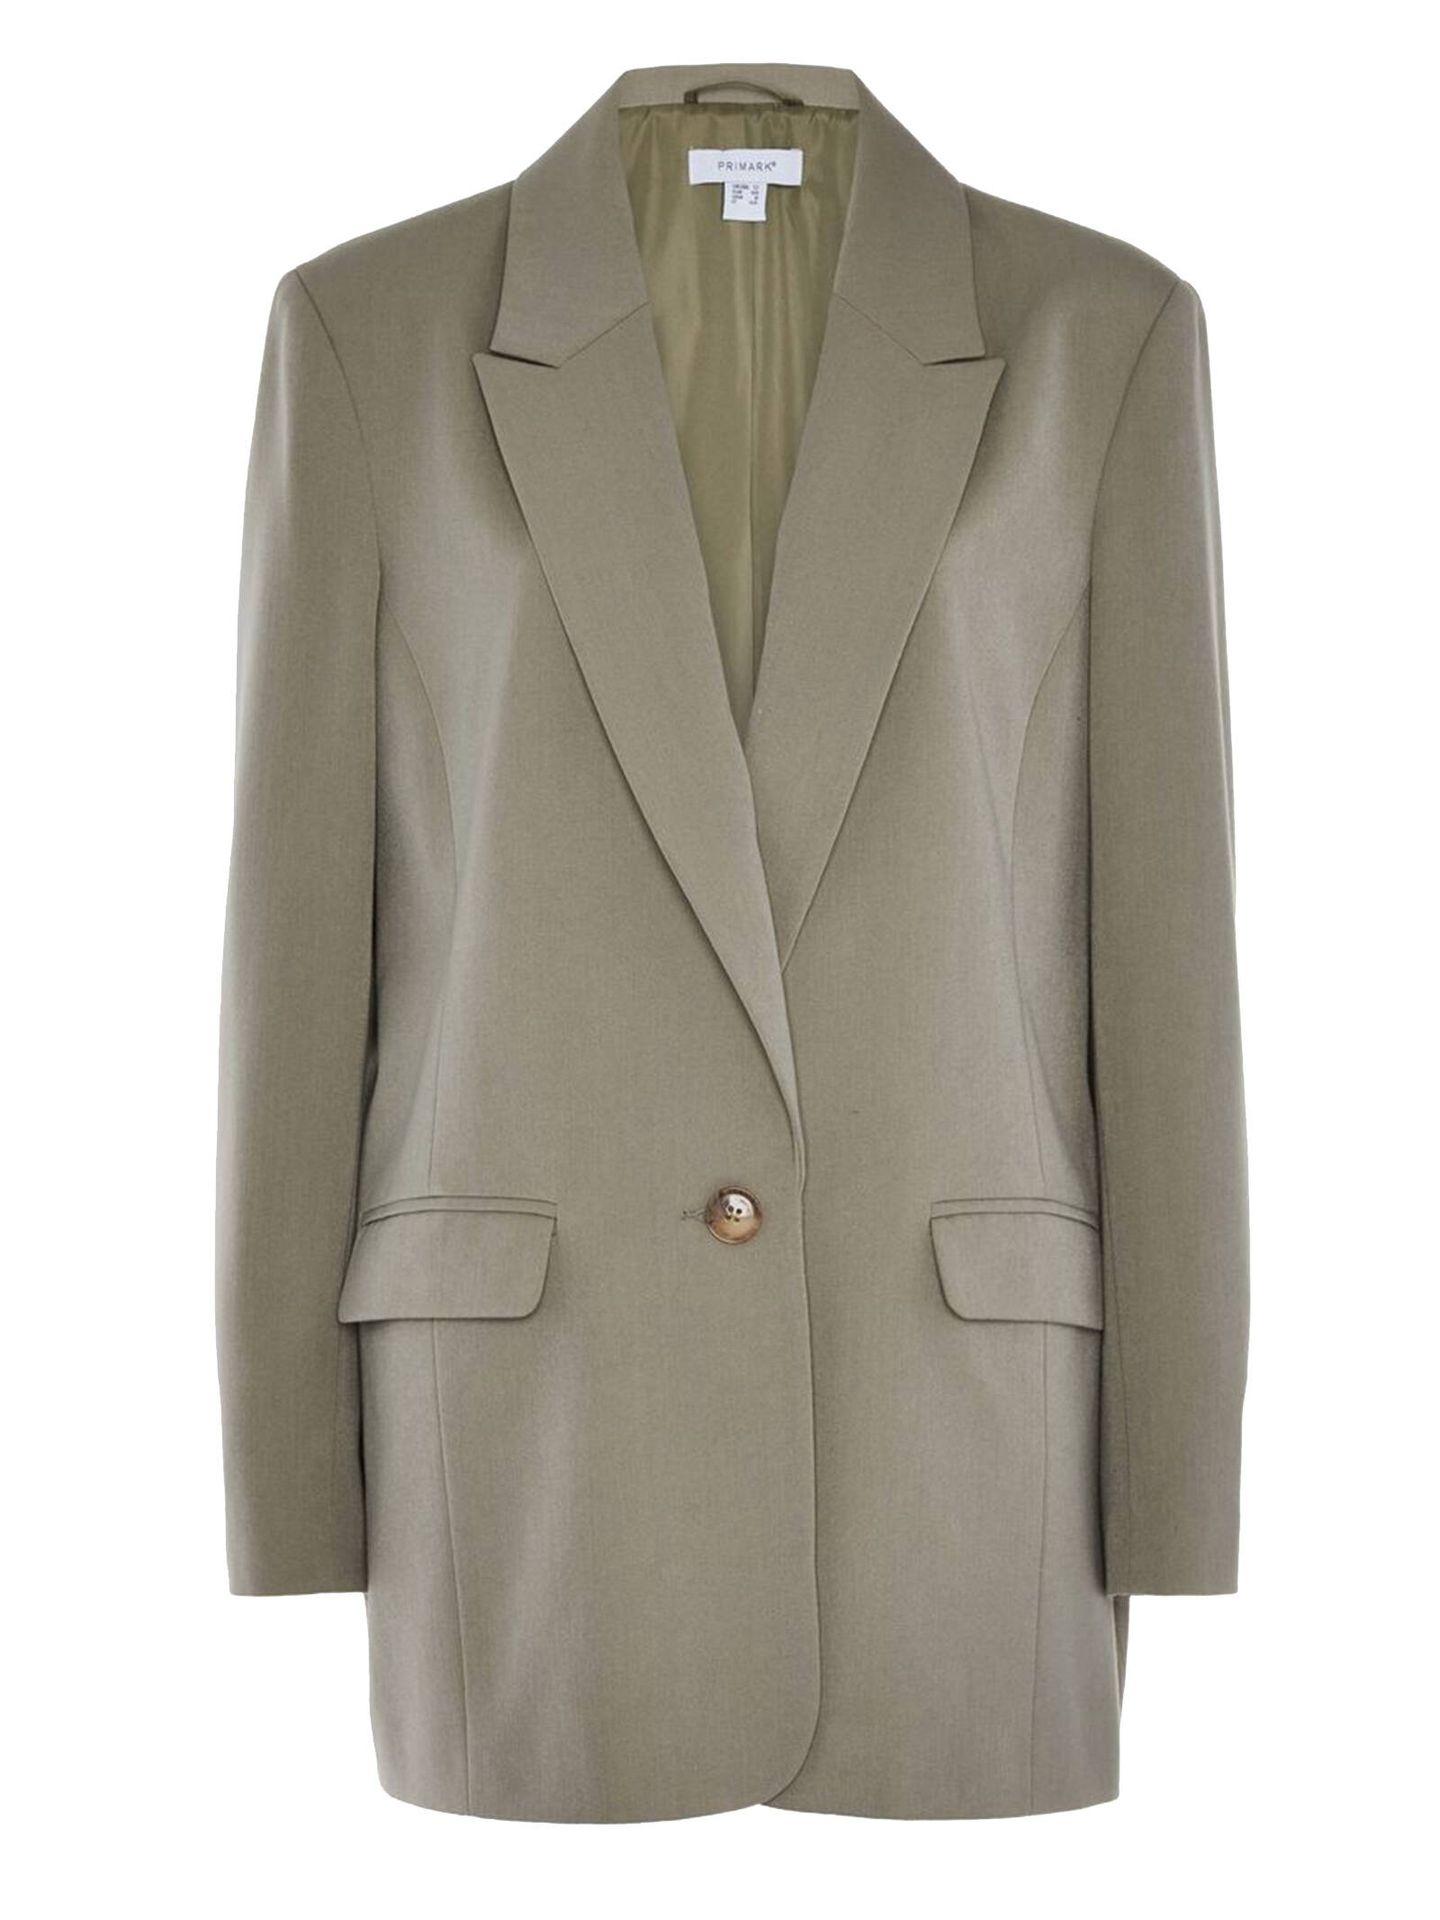 Americana del traje chaqueta oversize de Primark que arrasa entre las influencers. (Cortesía)